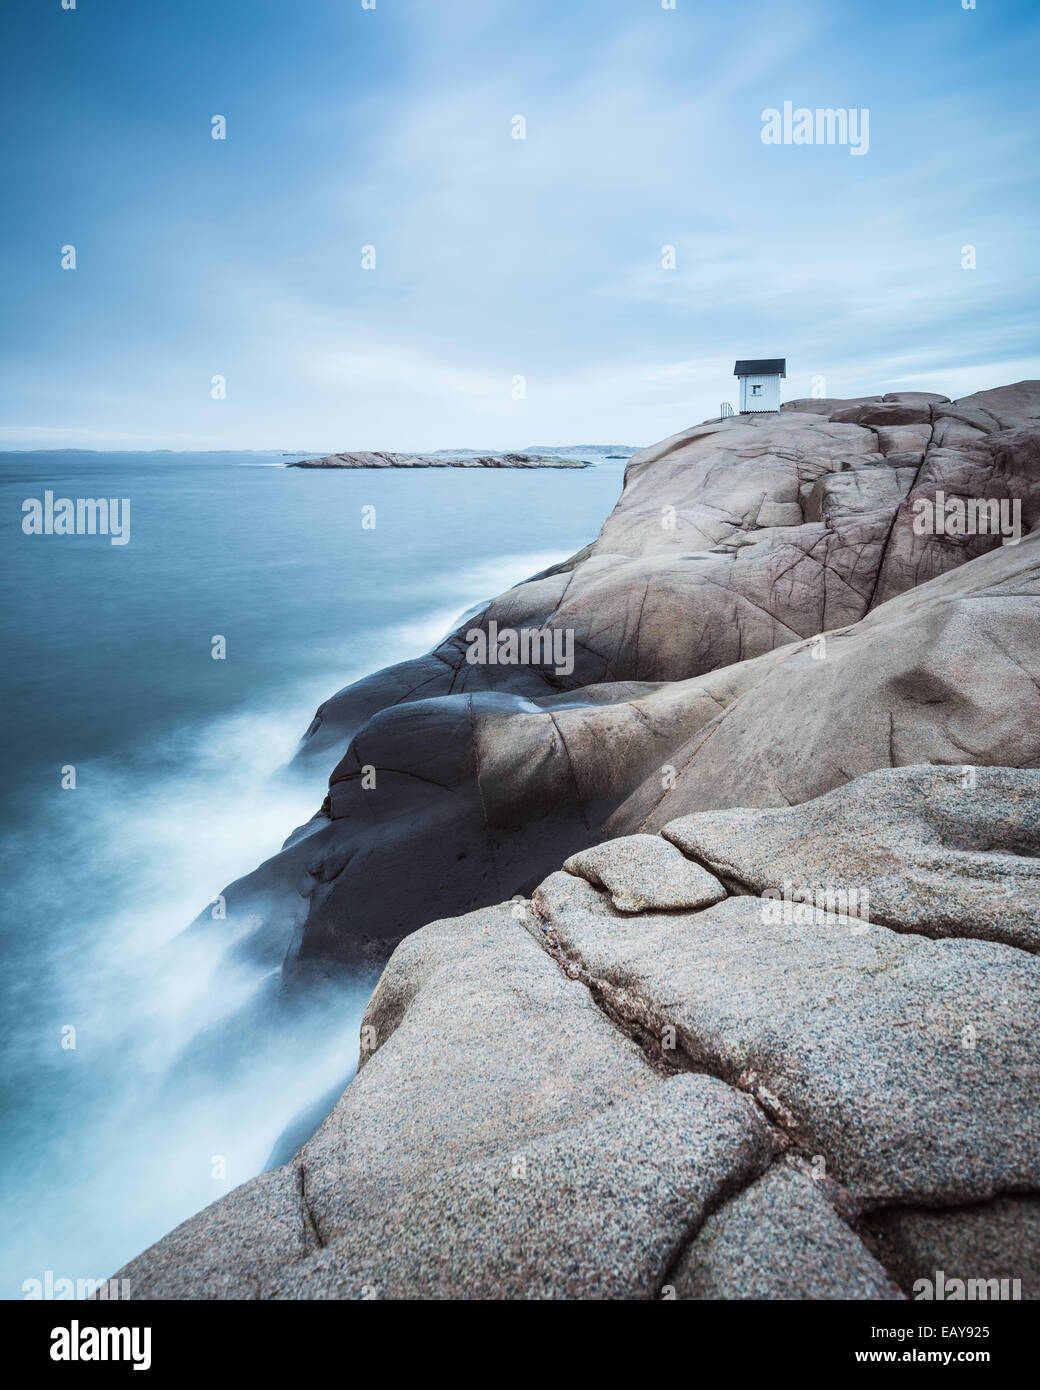 Kabine auf Klippe in der Nähe von Meer mit dramatischer Himmel Stockbild